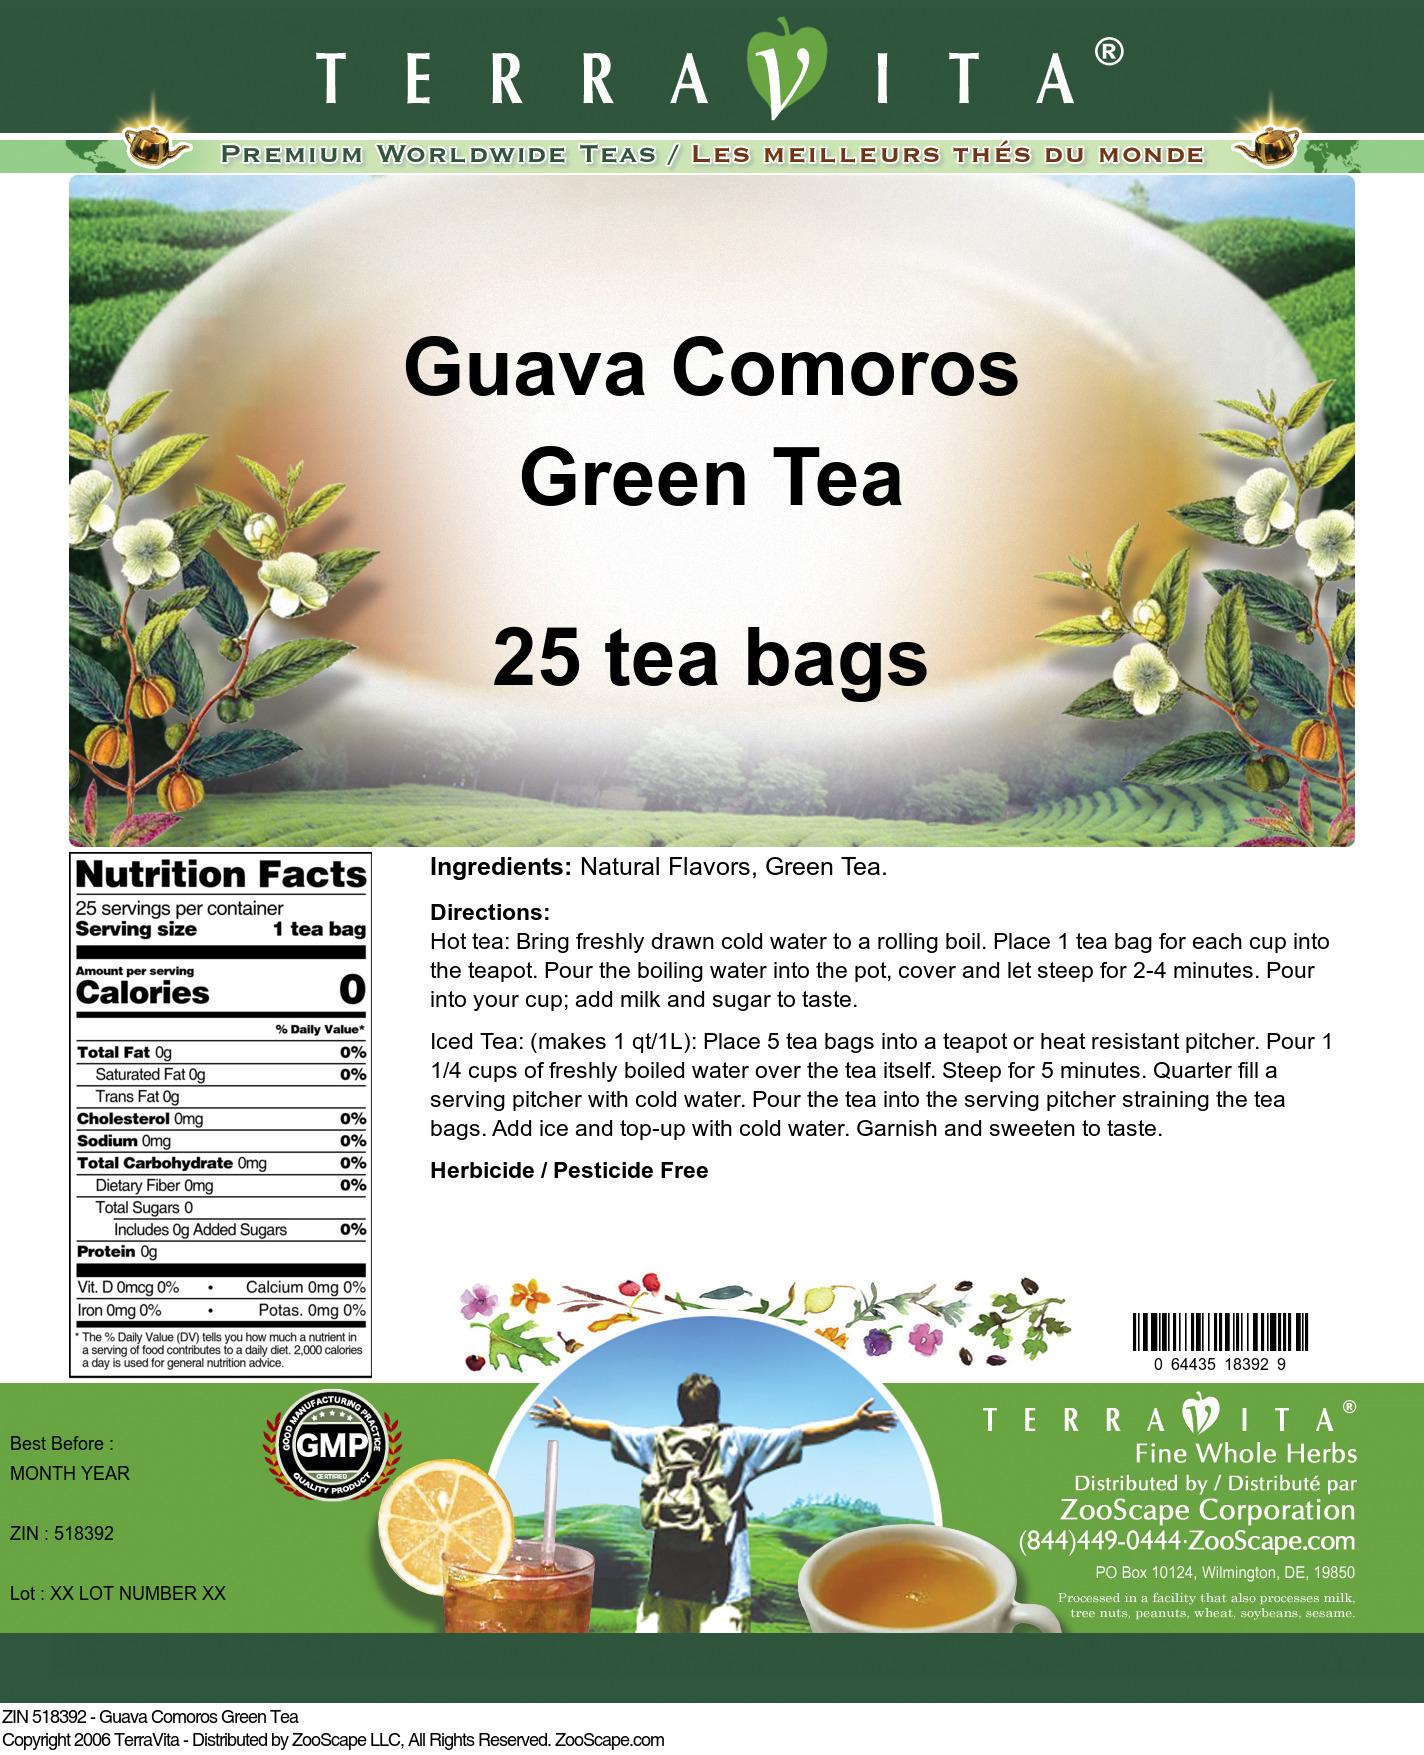 Guava Comoros Green Tea